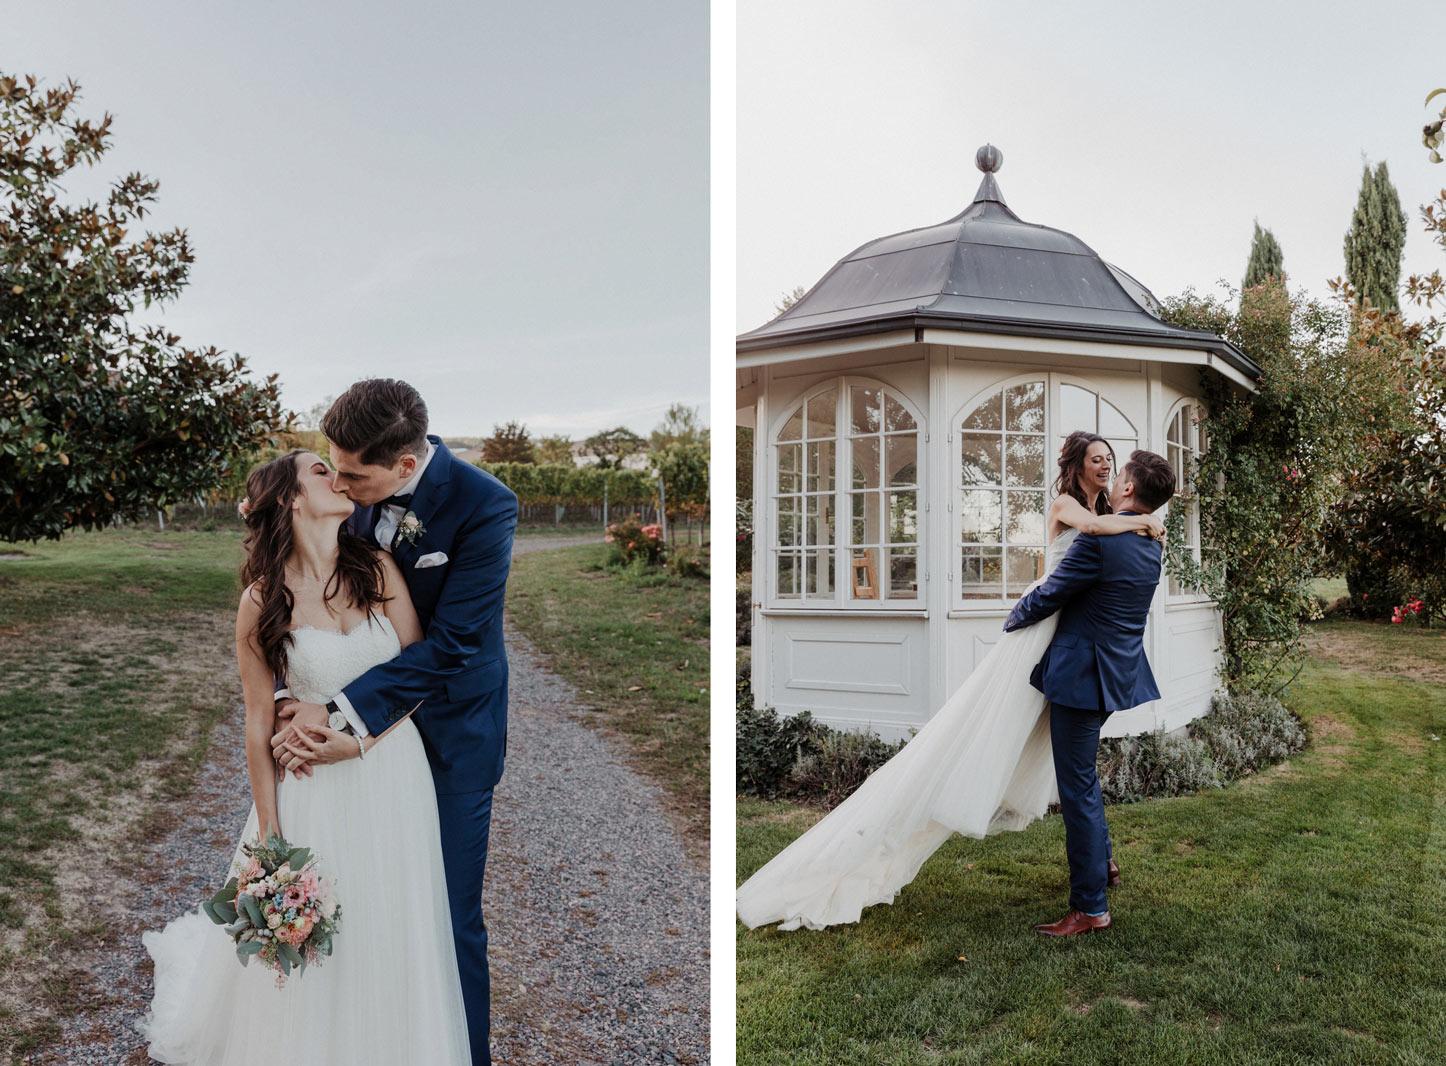 Brautpaar vor Pavillon